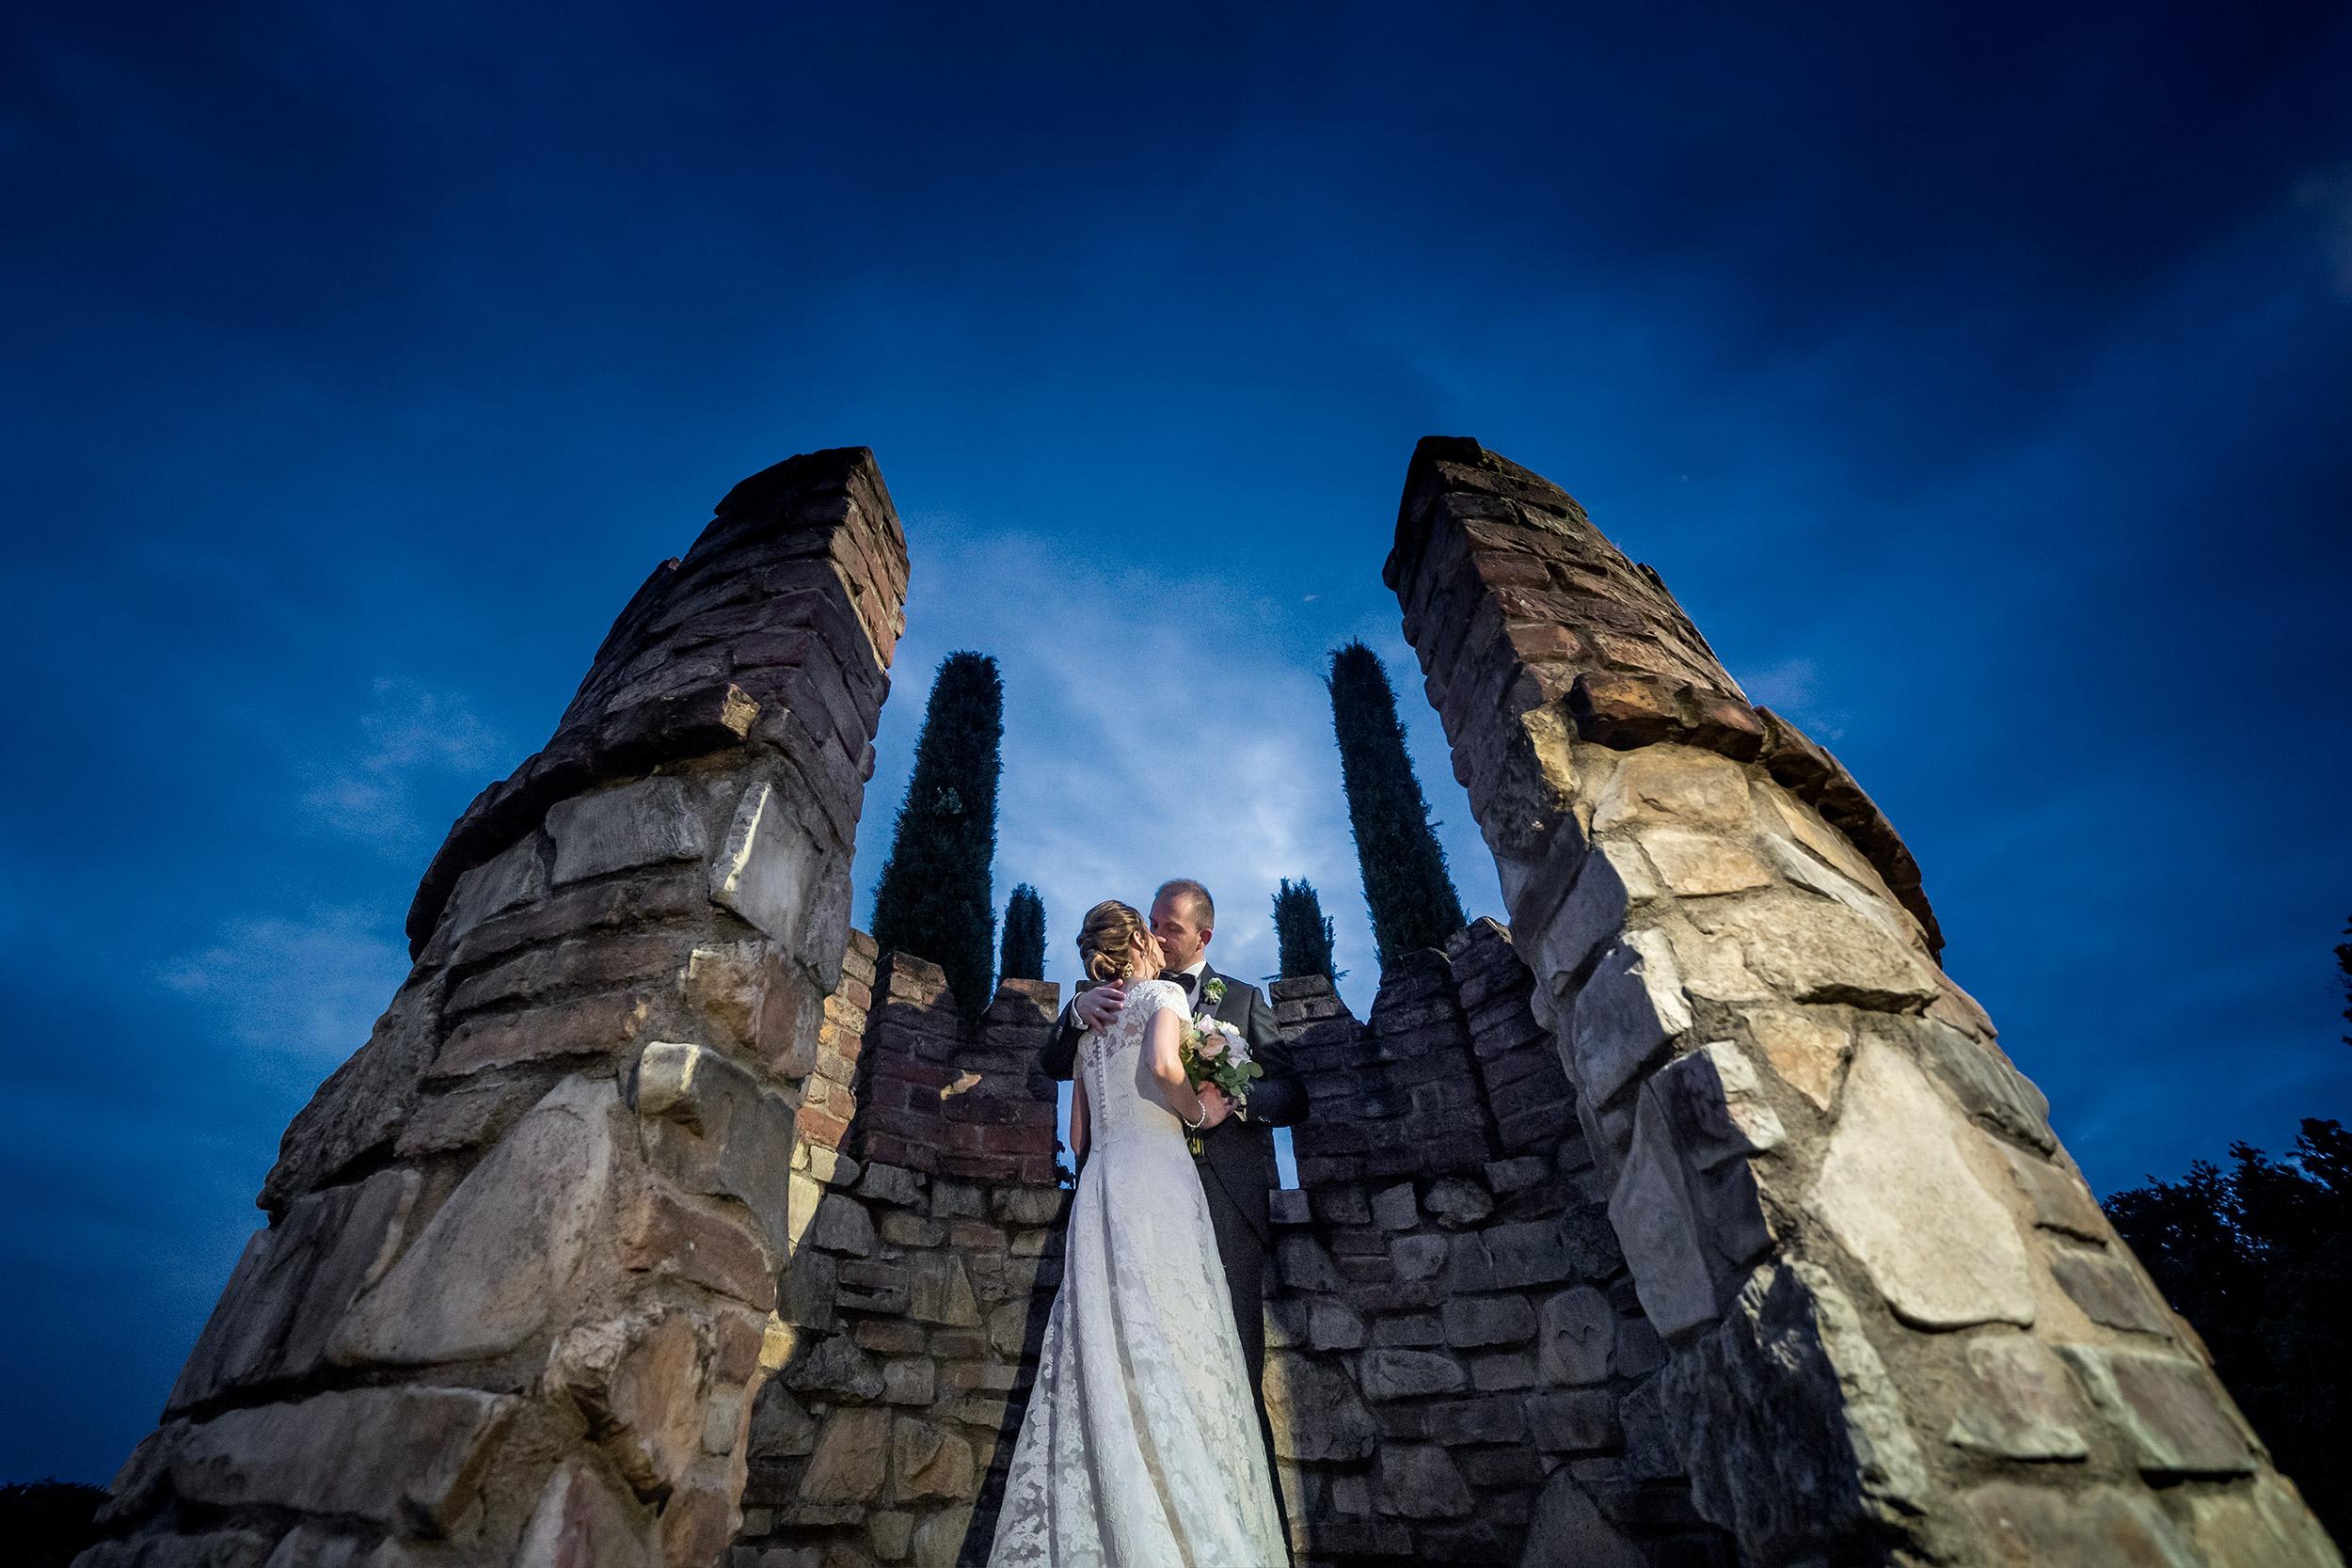 001 reportage wedding sposi servizio fotografico foto matrimonio castello cernusco lombardone lecco 1